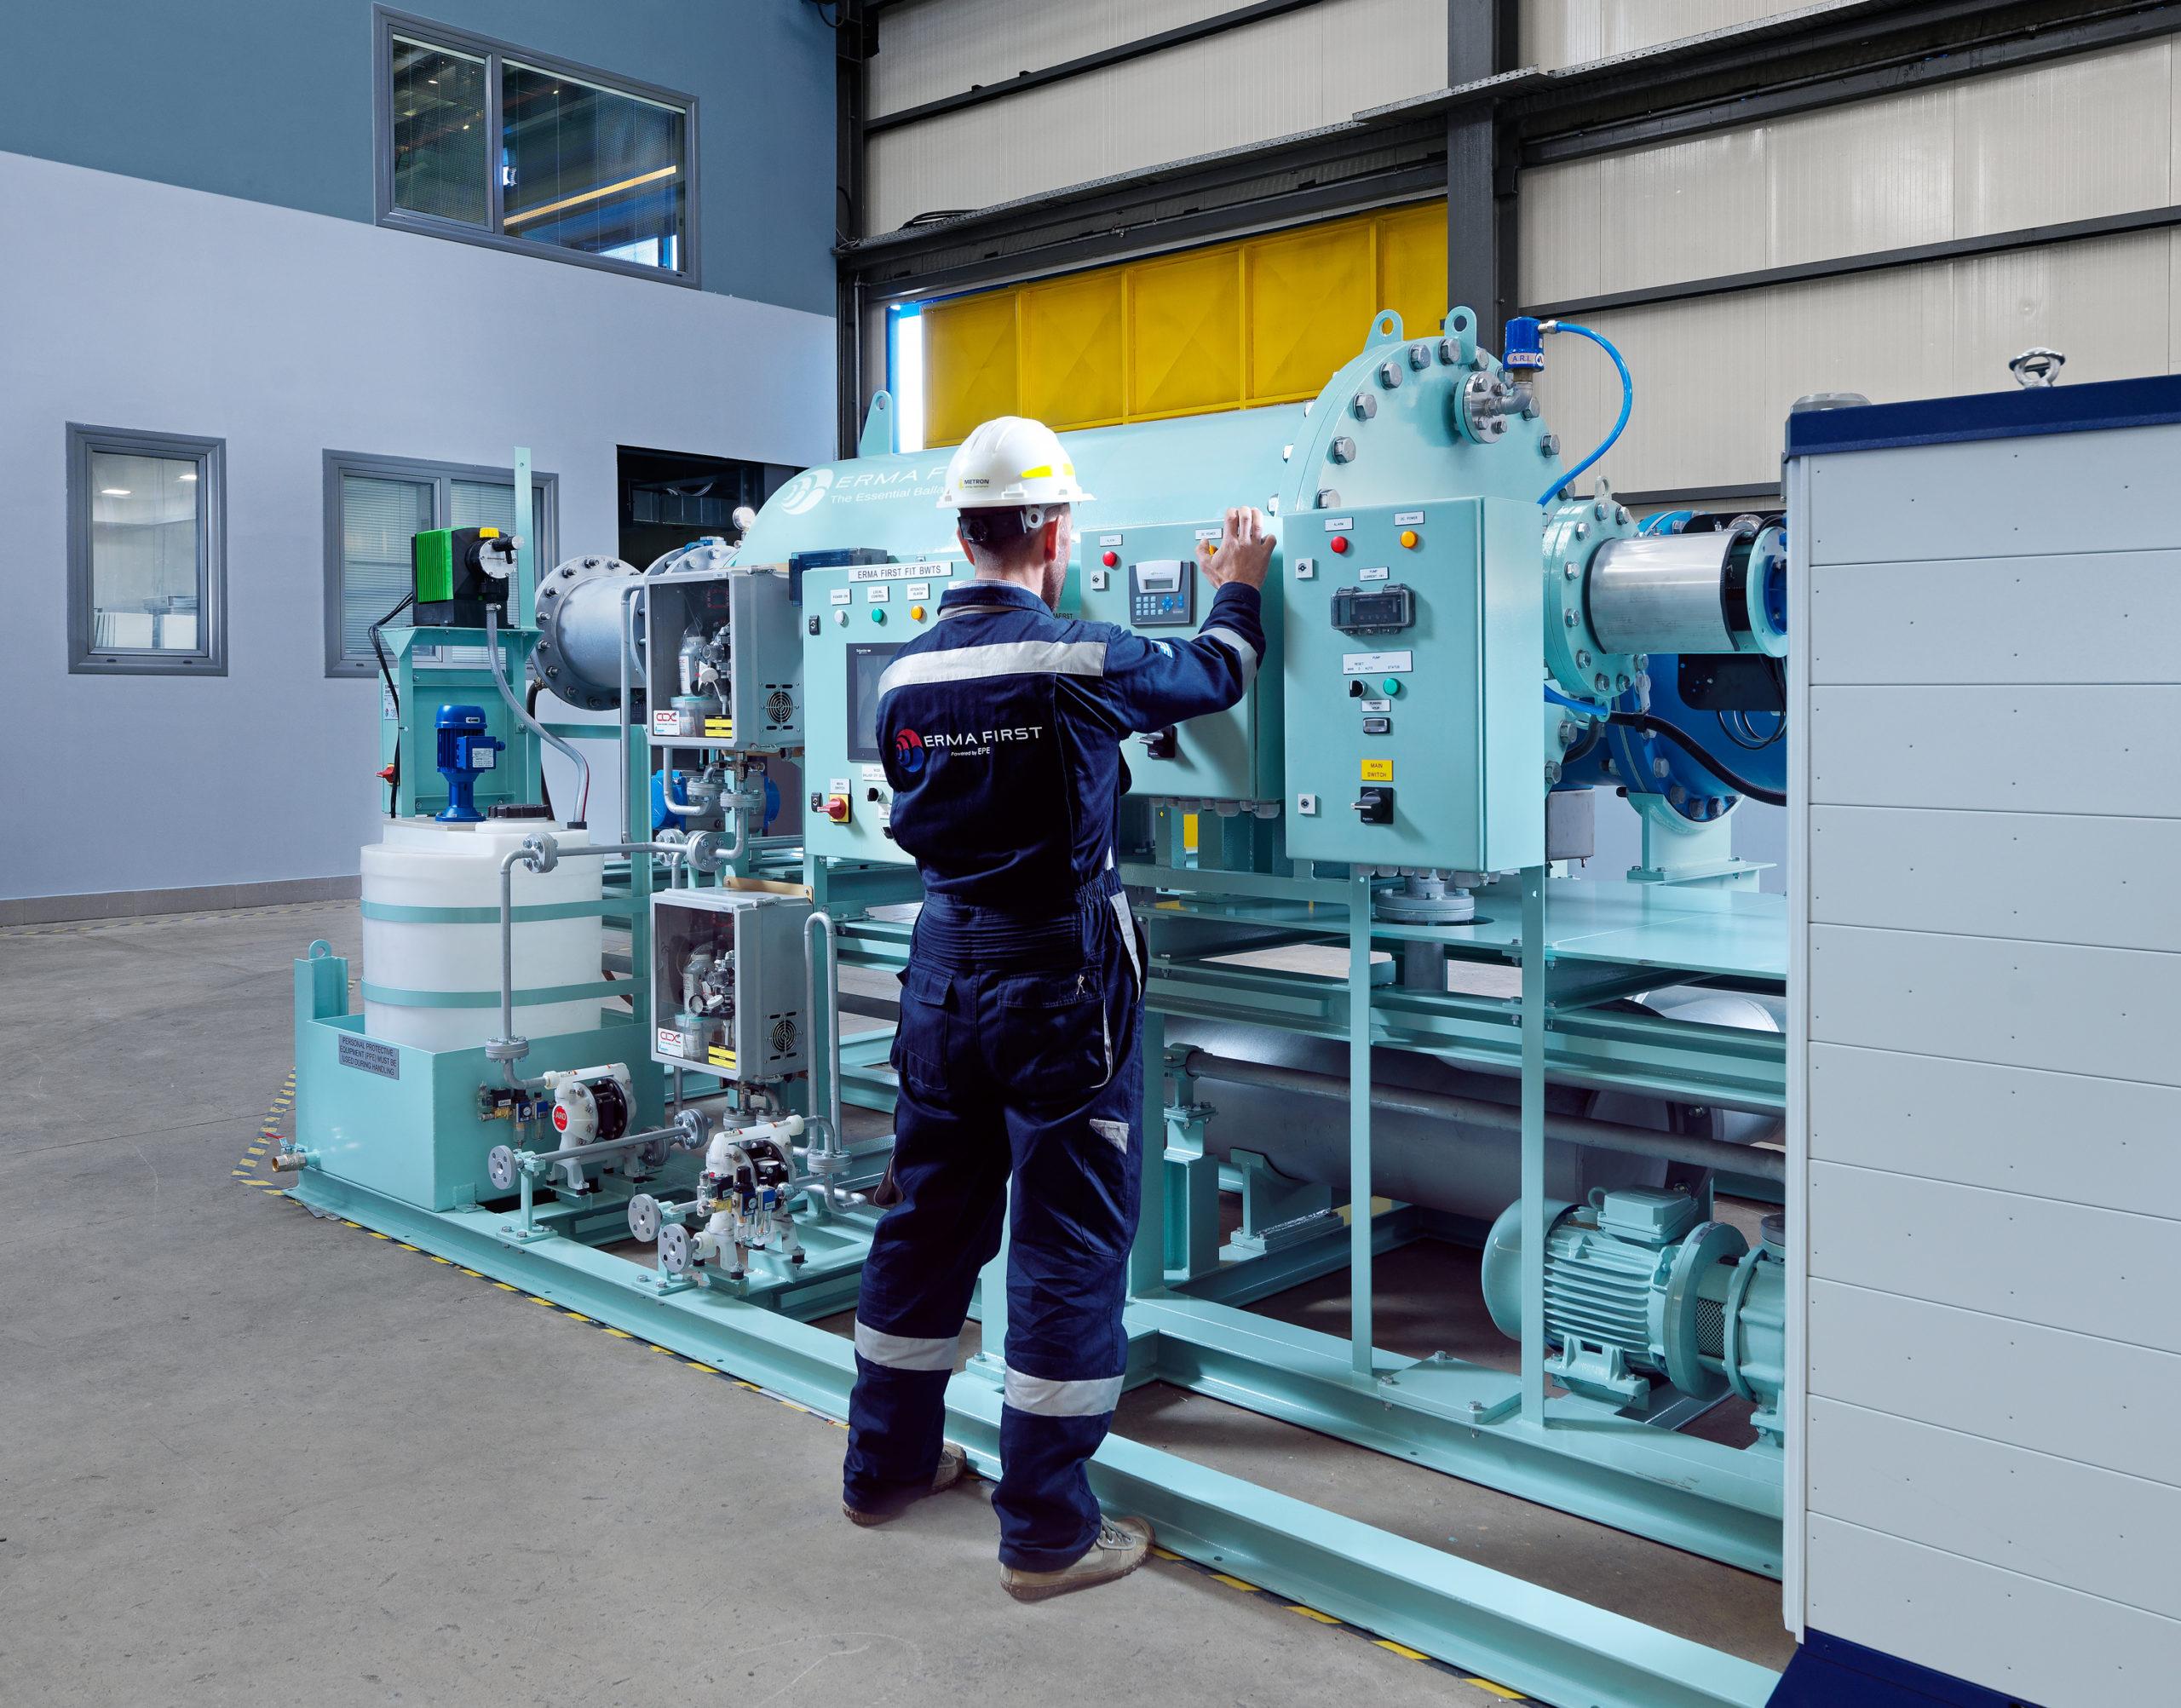 Συνεργασία της Schneider Electric και της ERMA FIRST για την αποτελεσματικότερη επεξεργασία θαλάσσιου έρματος